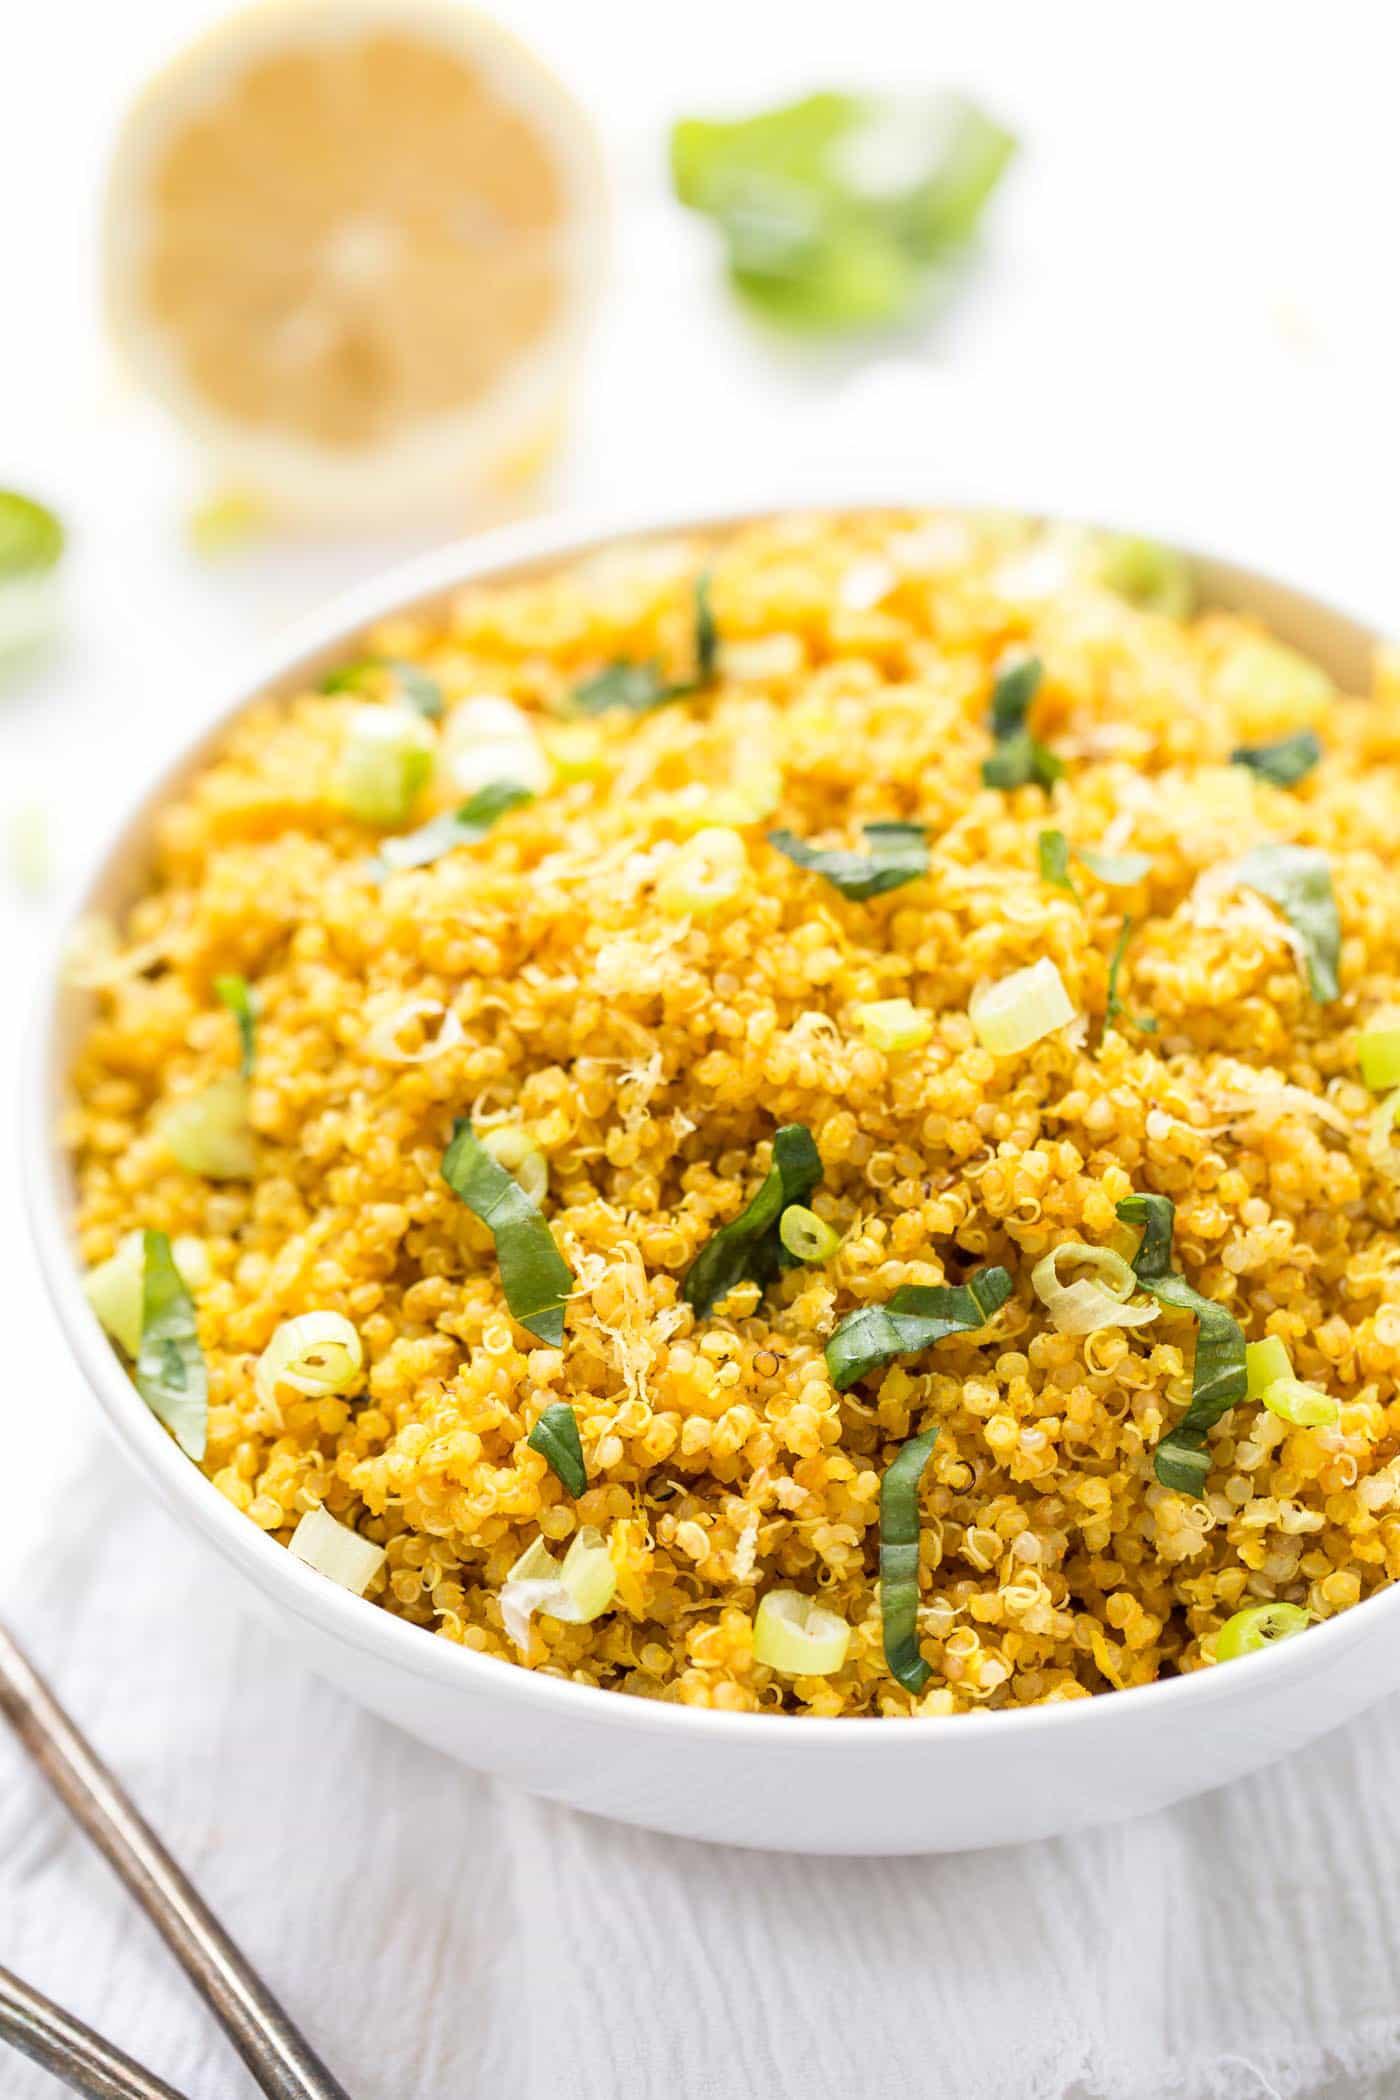 Lemon Turmeric Quinoa